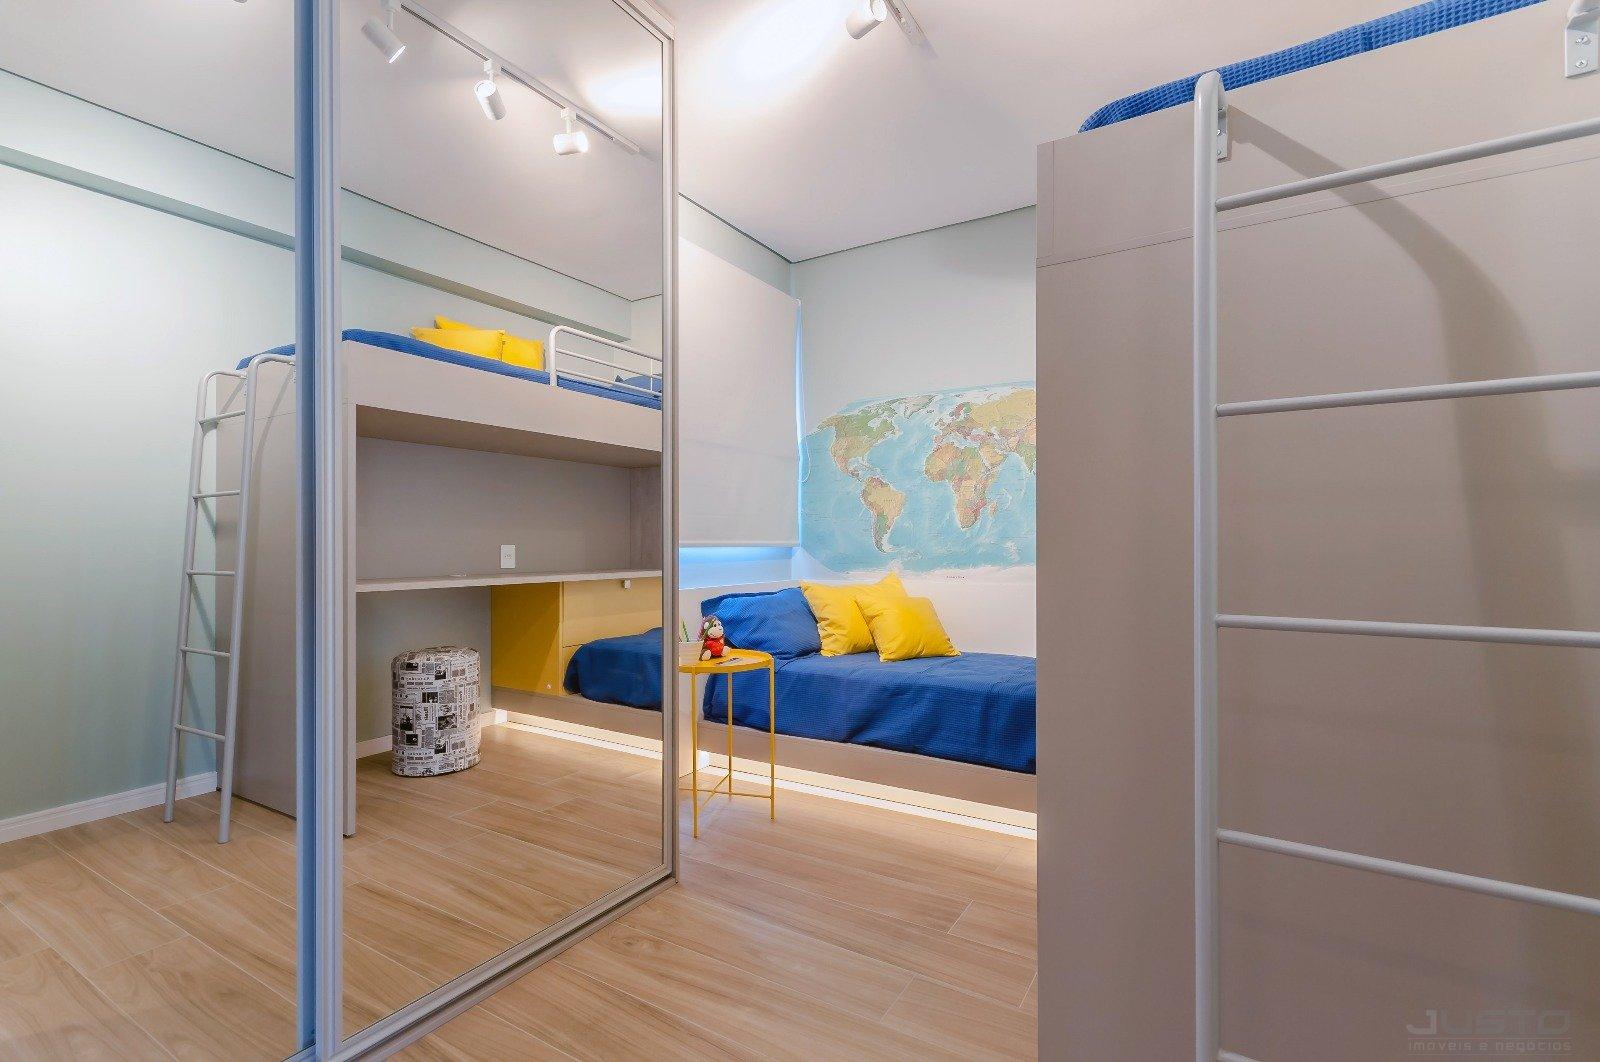 13 - Apartamento Decorado - Dormitório